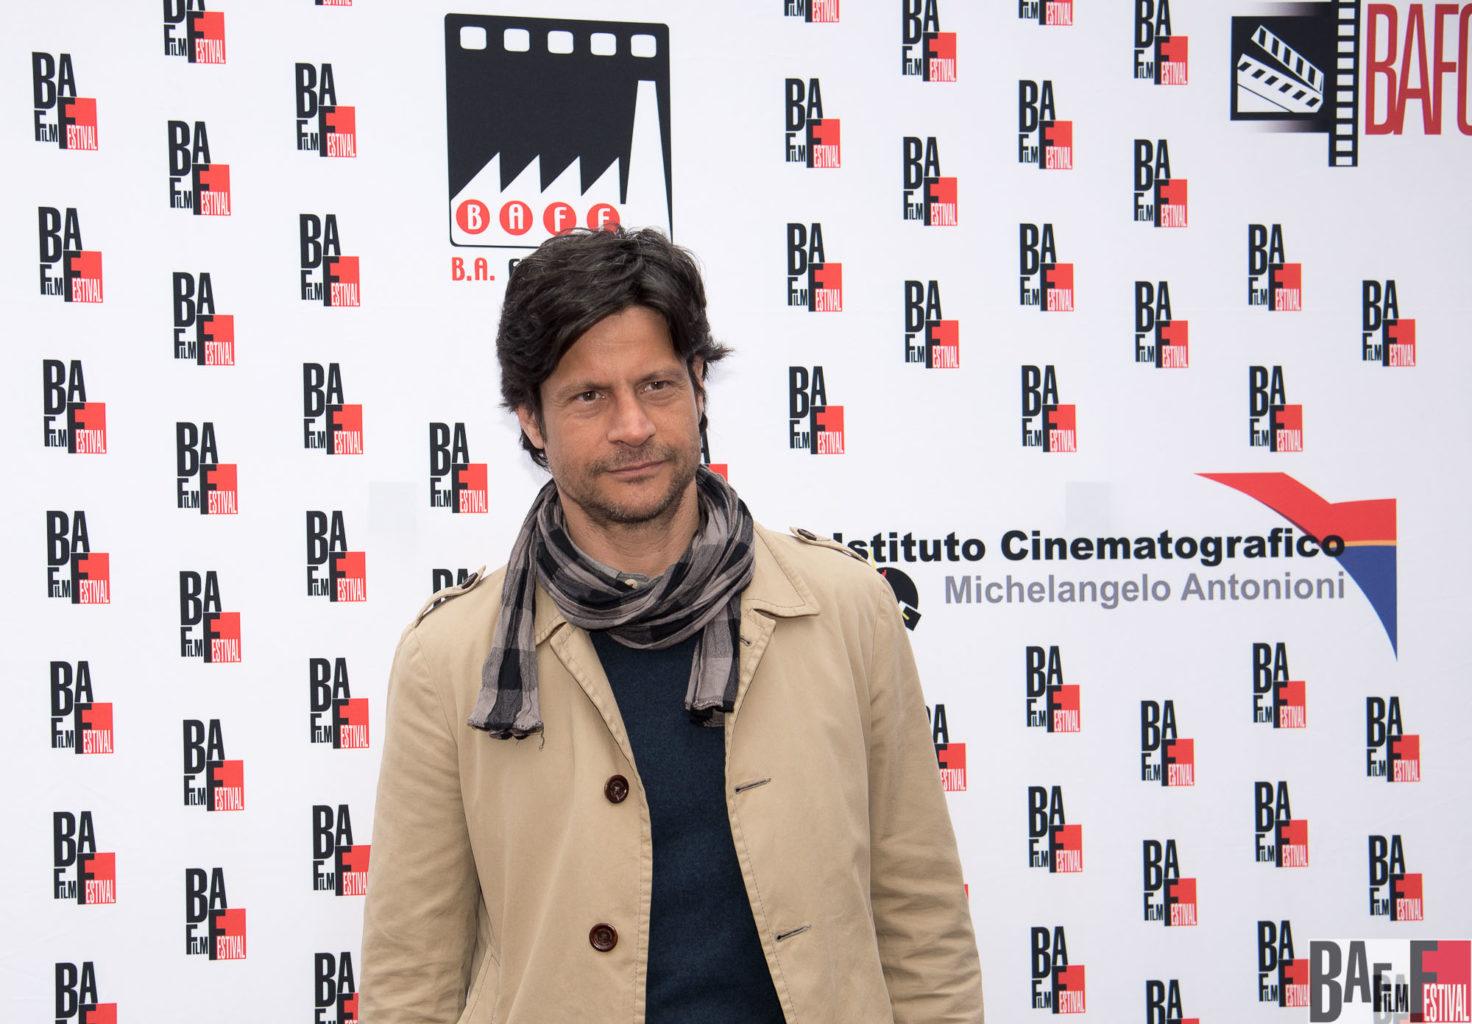 Baff : Andrea Sartoretti Premio miglior attore